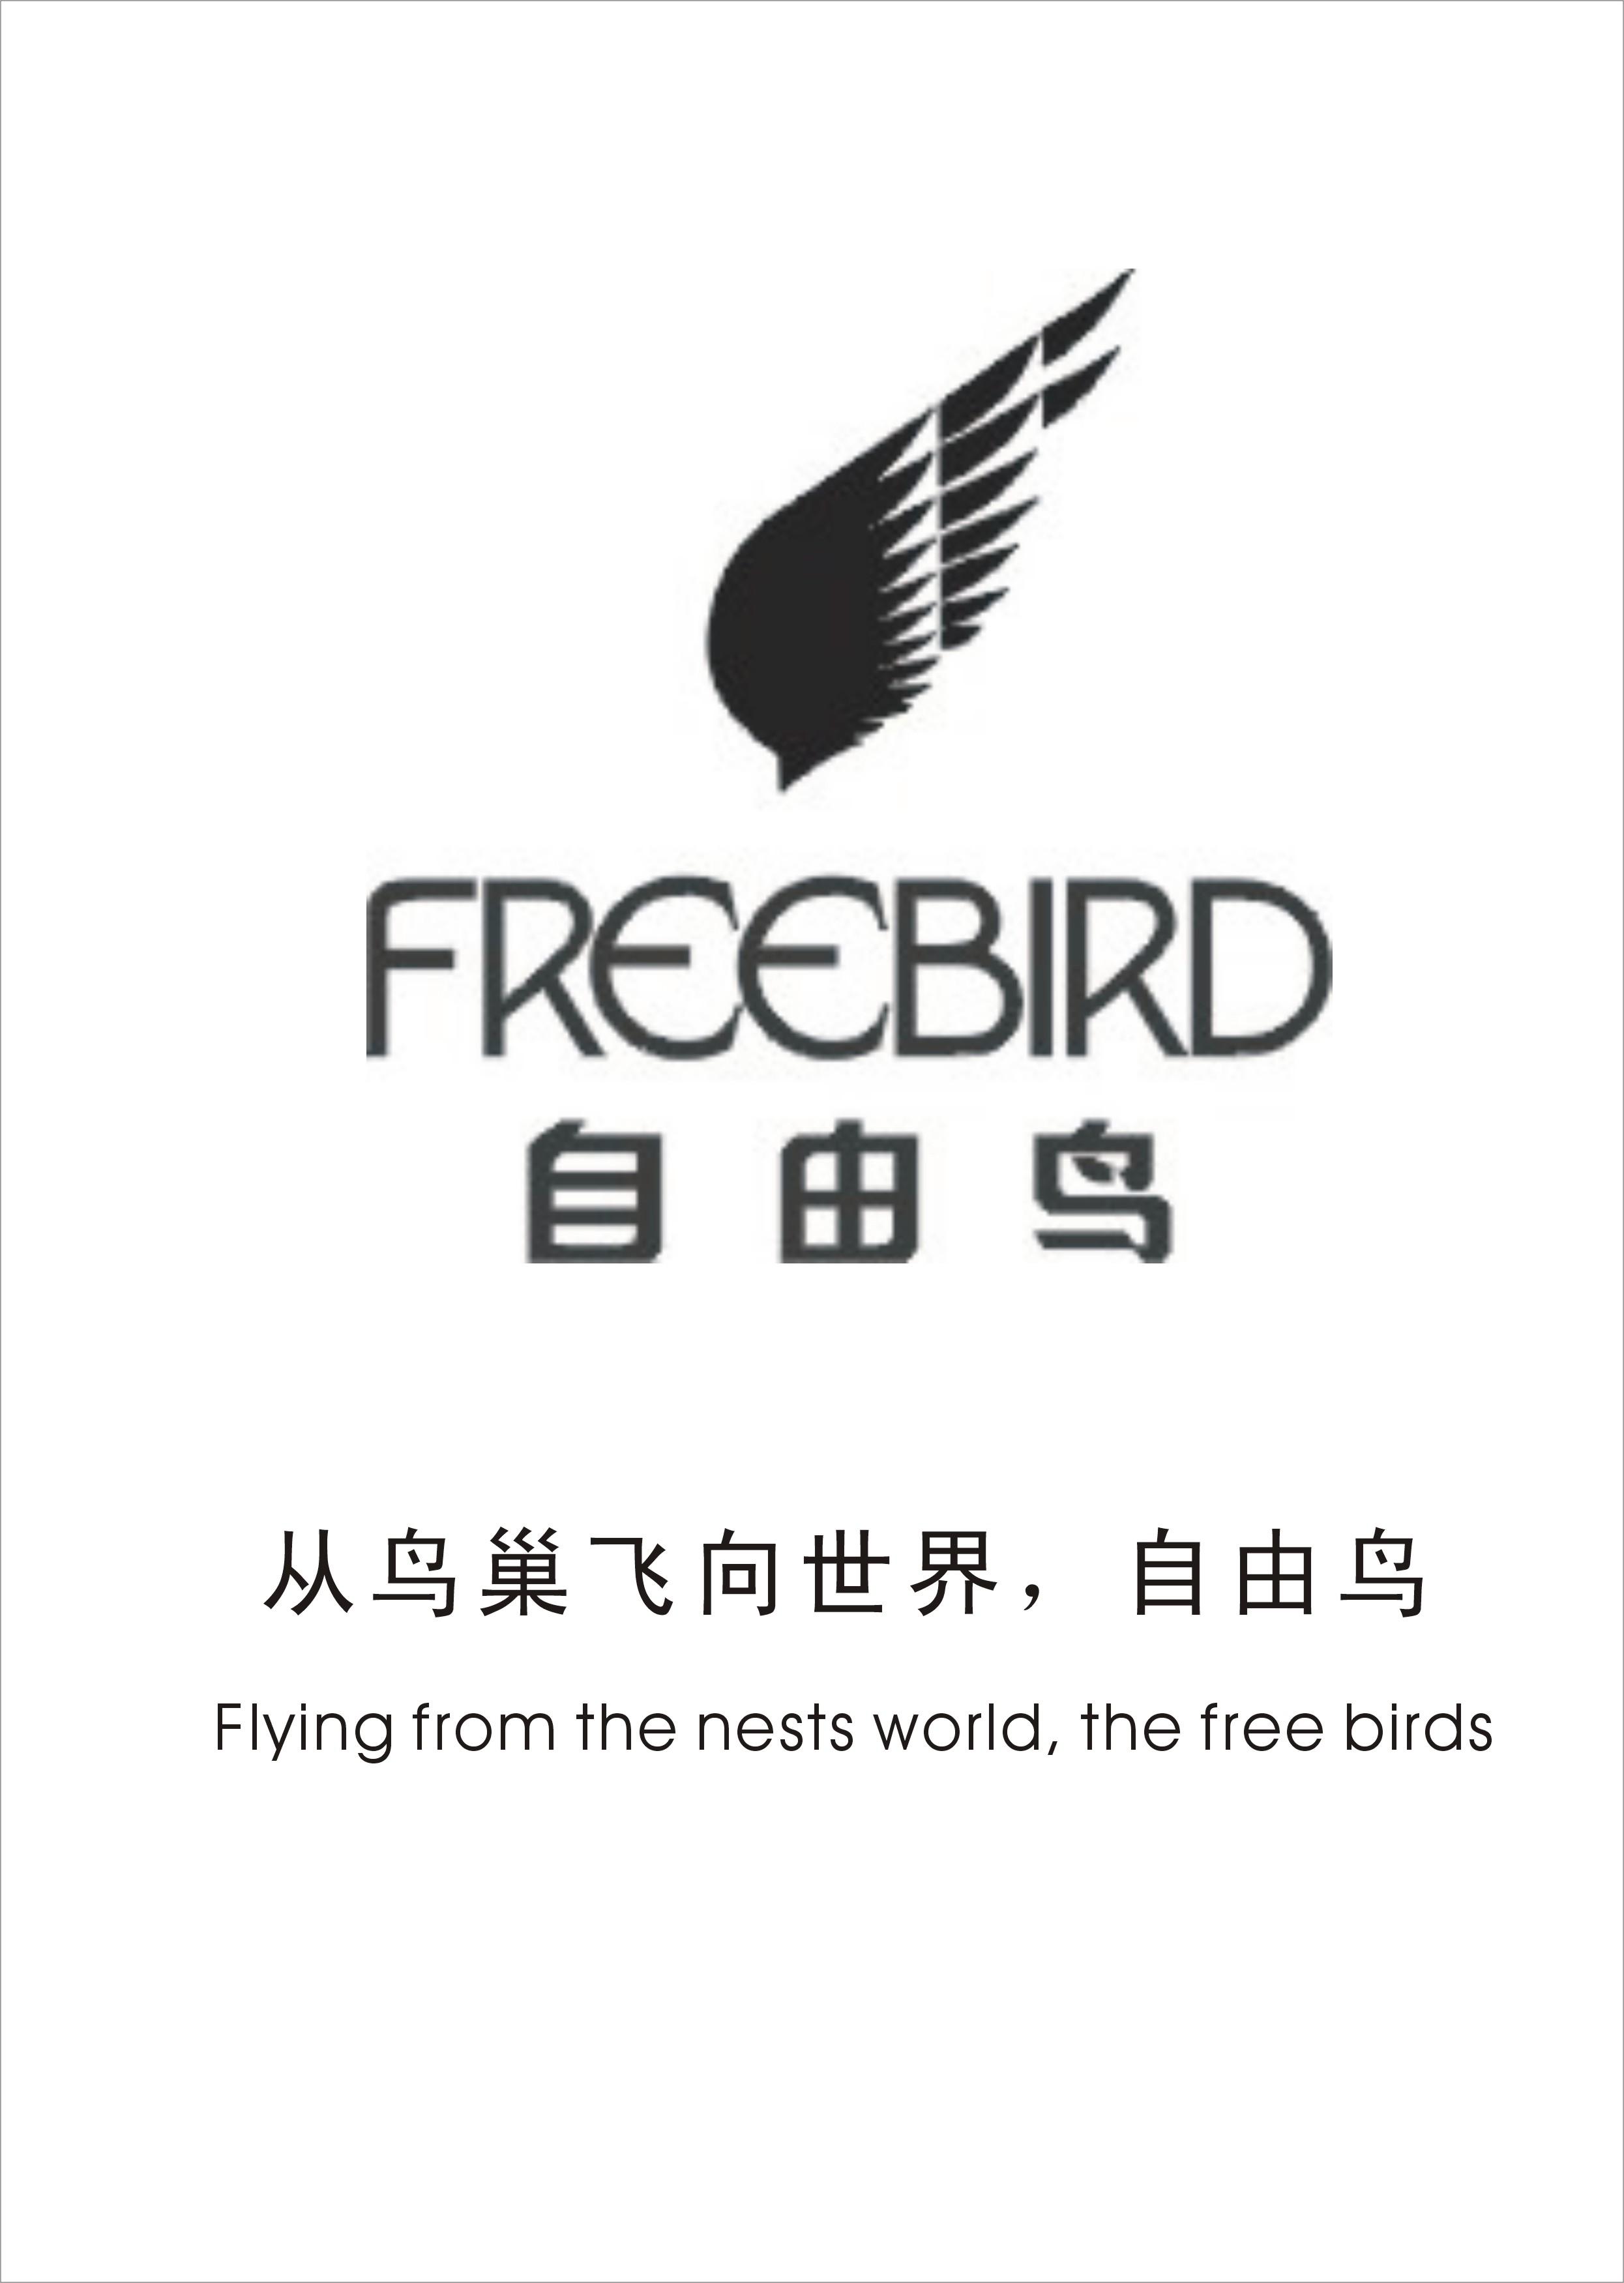 自由鸟服装公司征集广告语图片